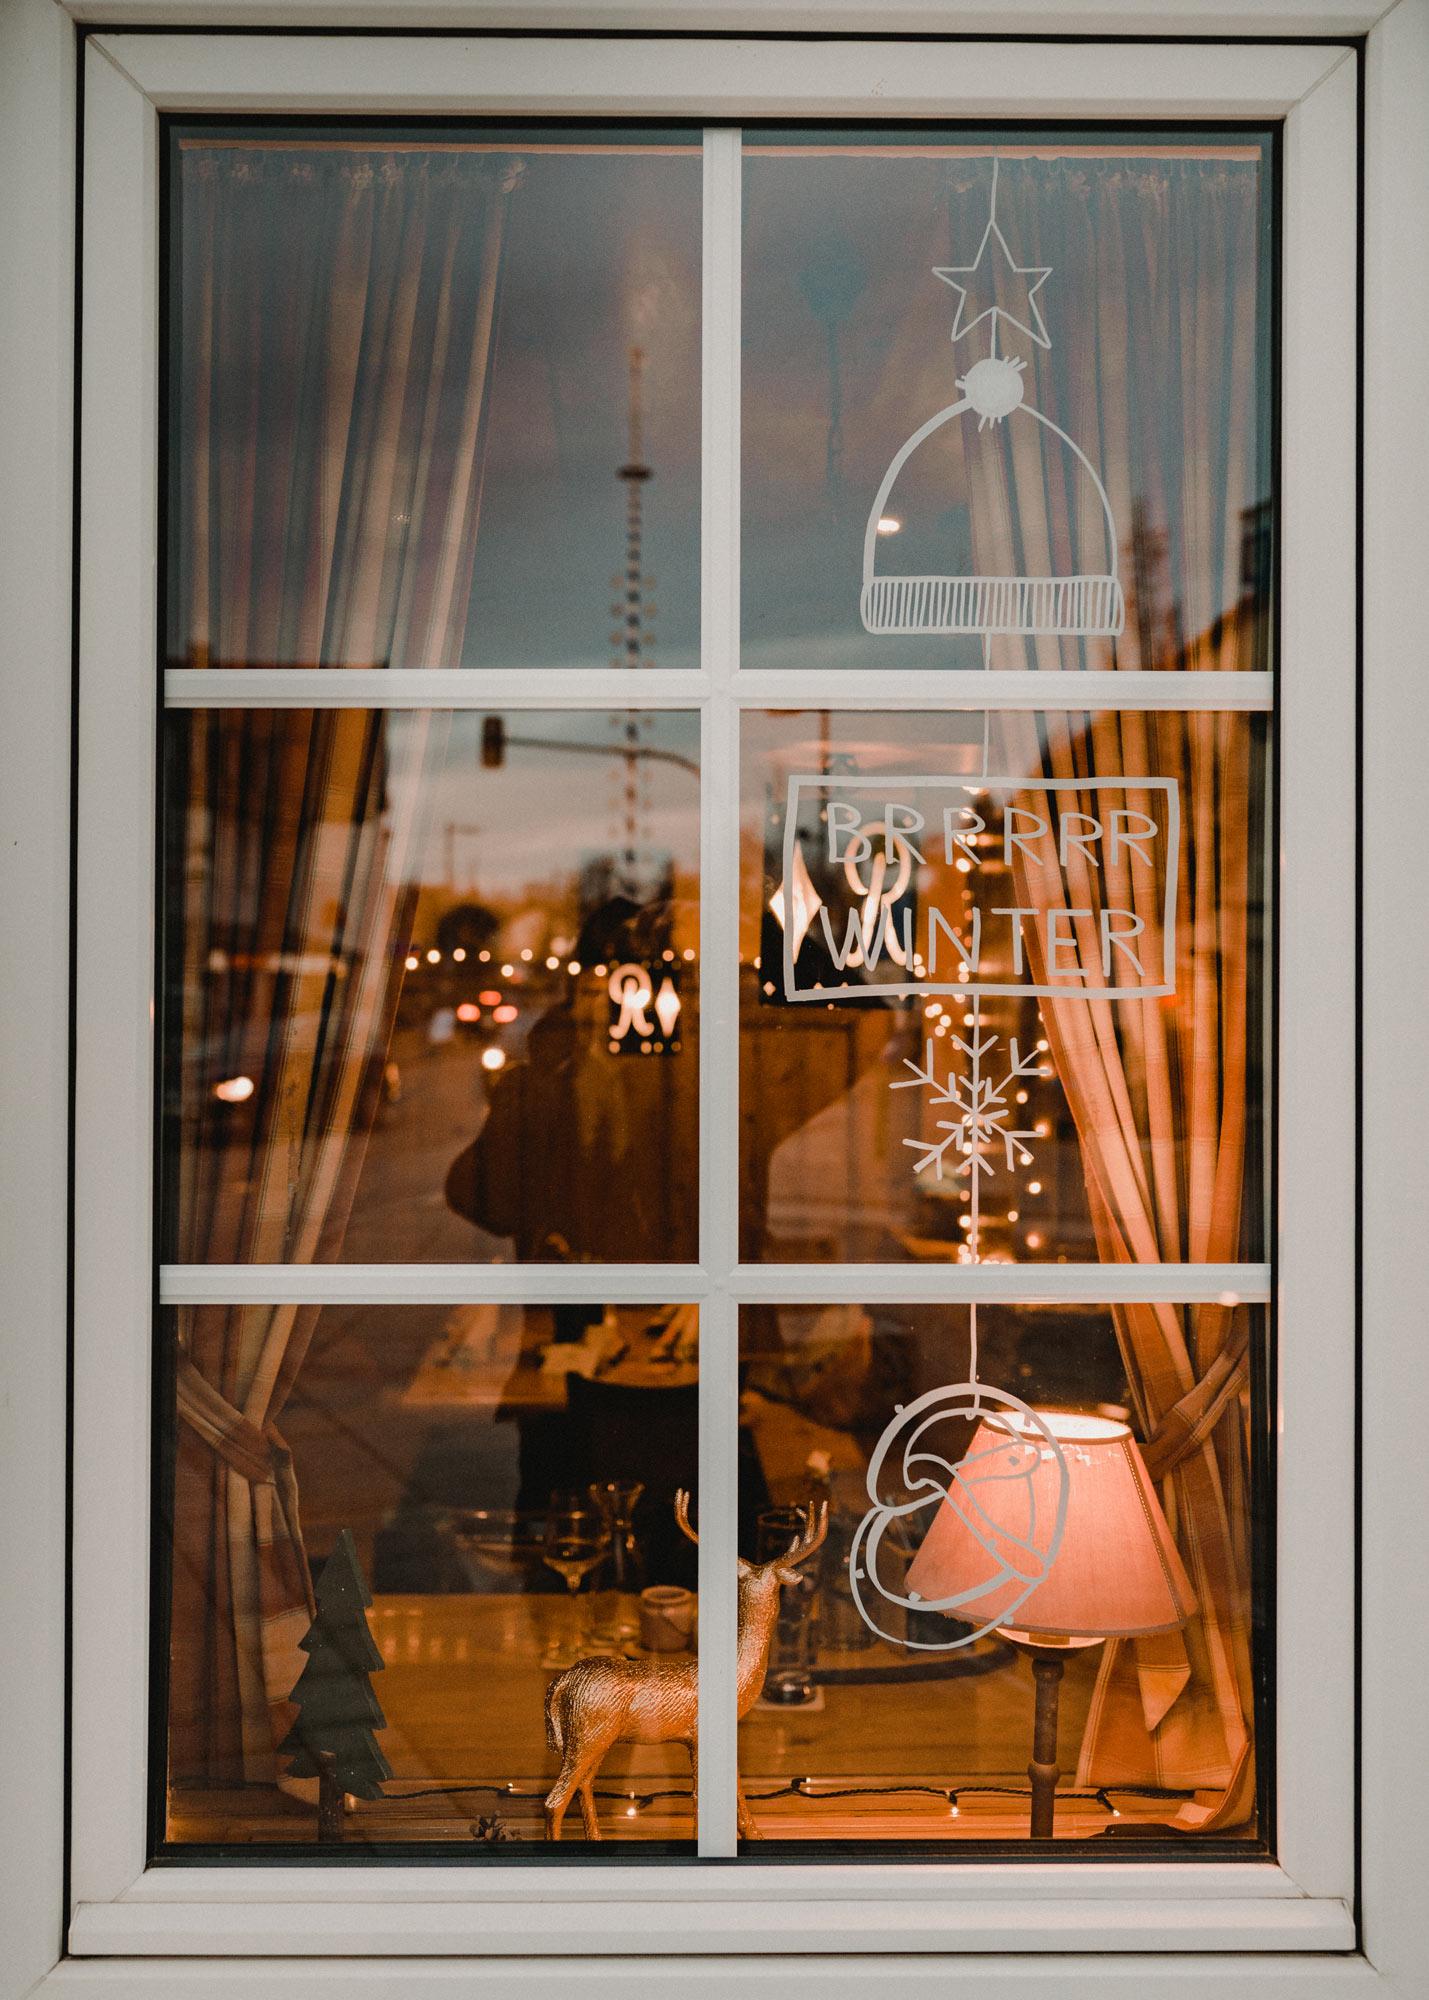 Gasthausfenster mit weißer Bemalung: Ein Mobile bestehend aus einem Stern, Mütze, Schild, Schneeflocke und Breze.